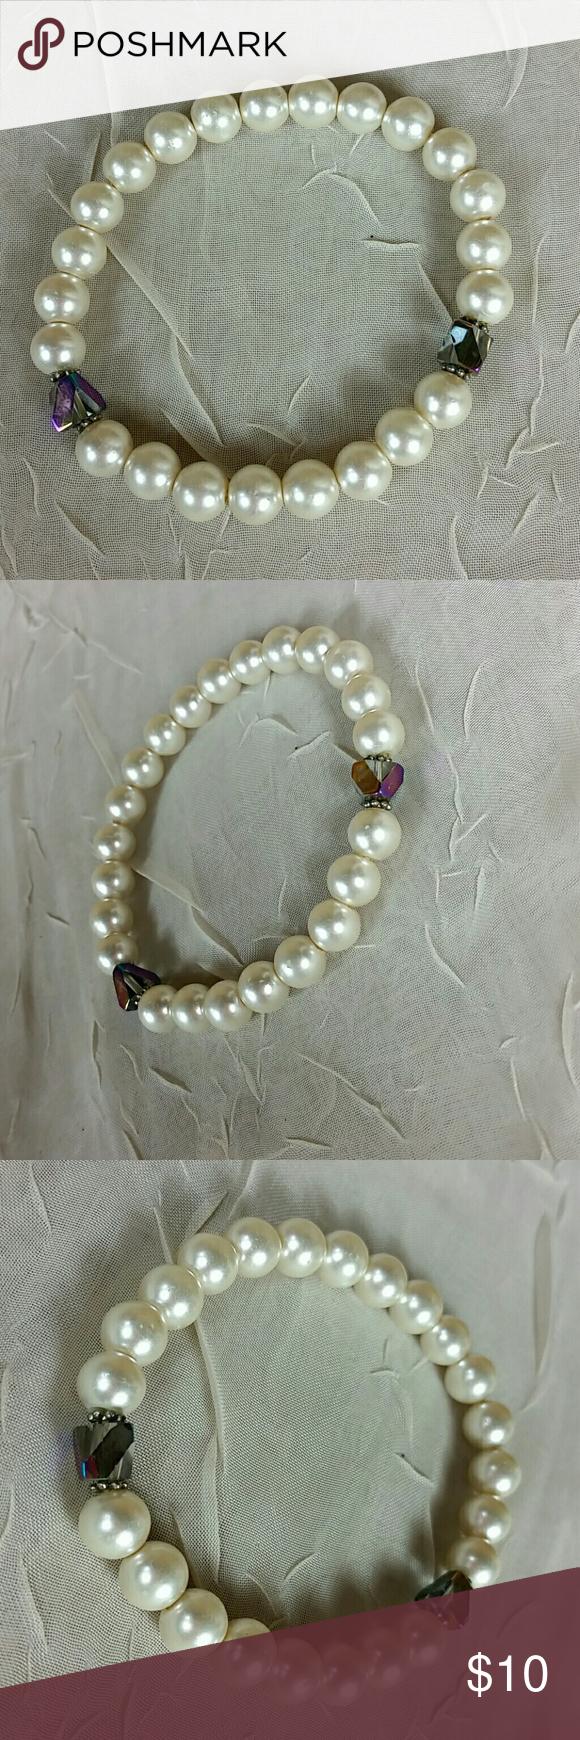 Faux IvoryCrystal Stretch Bracelet